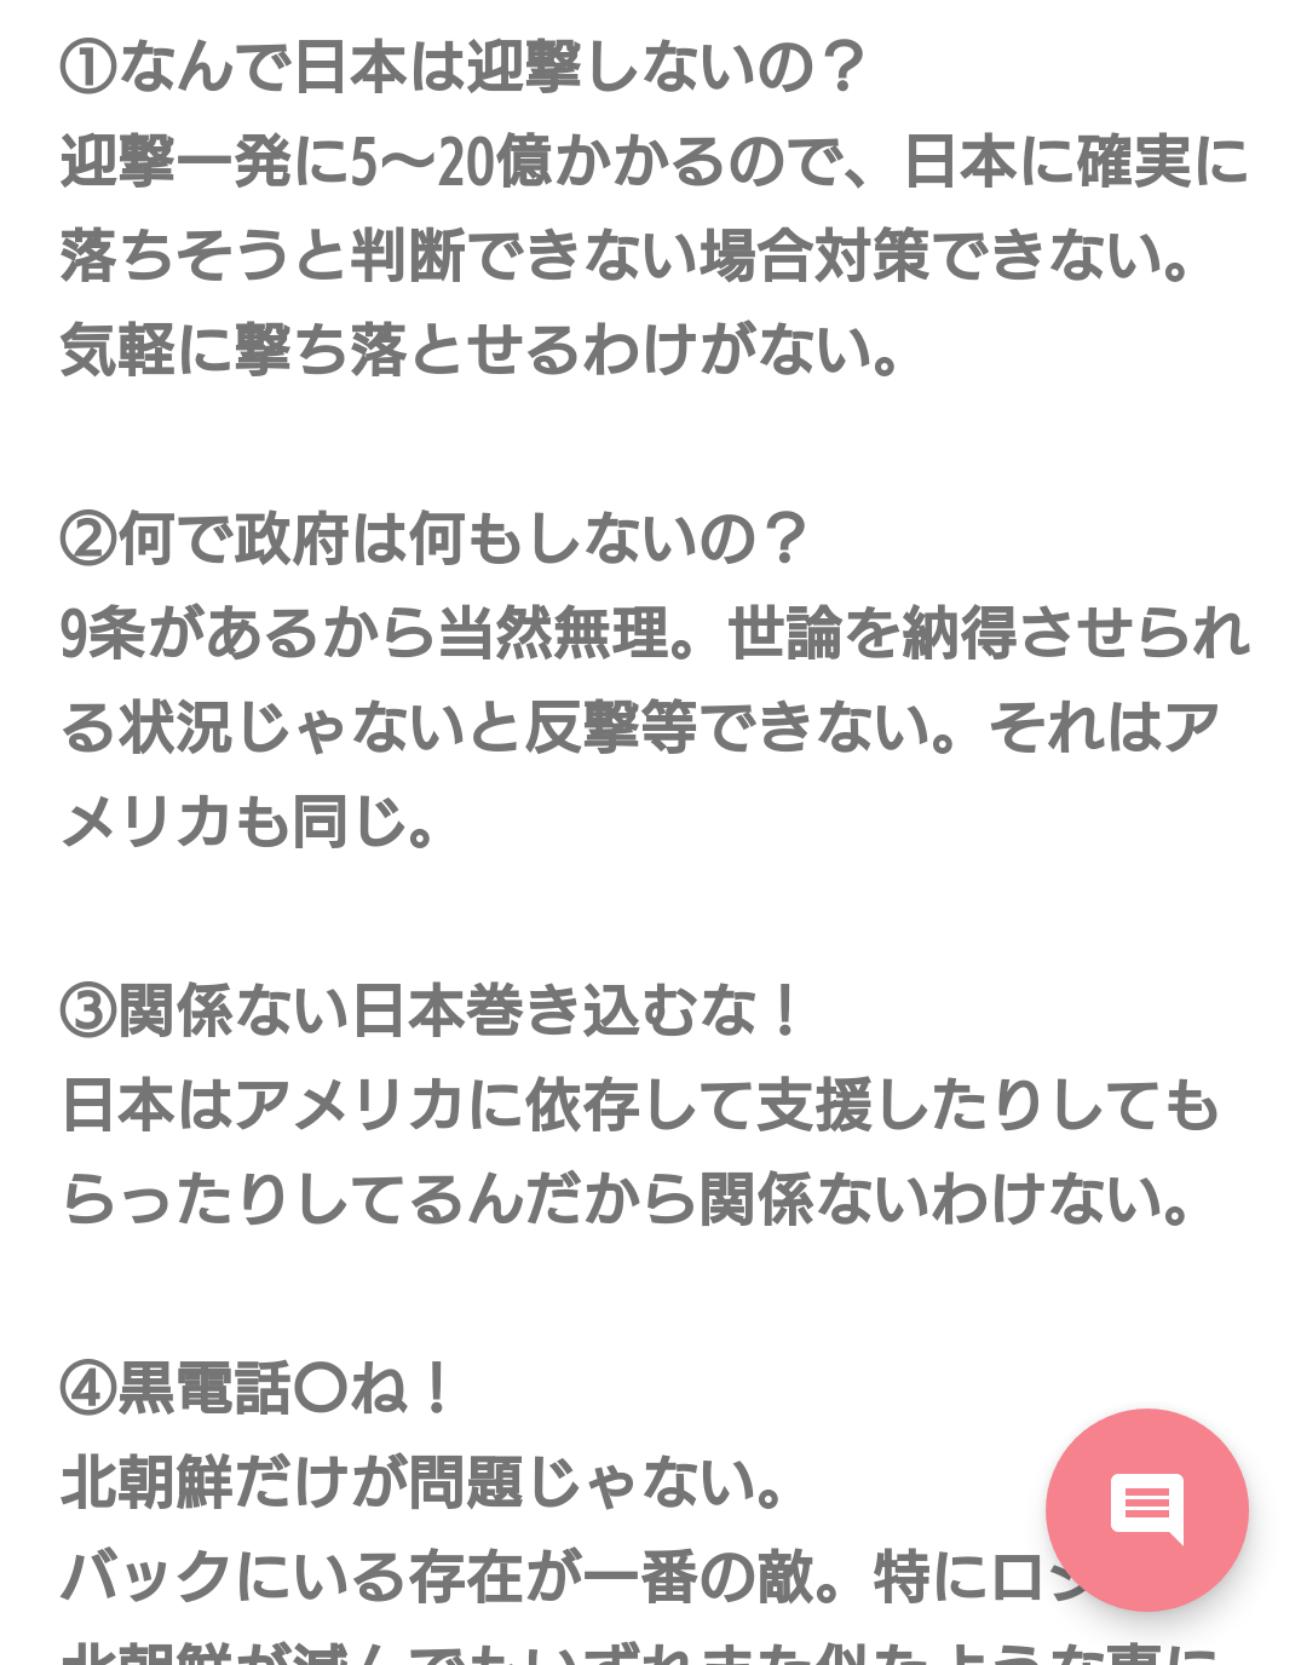 日本人なら知らないといけない事part2